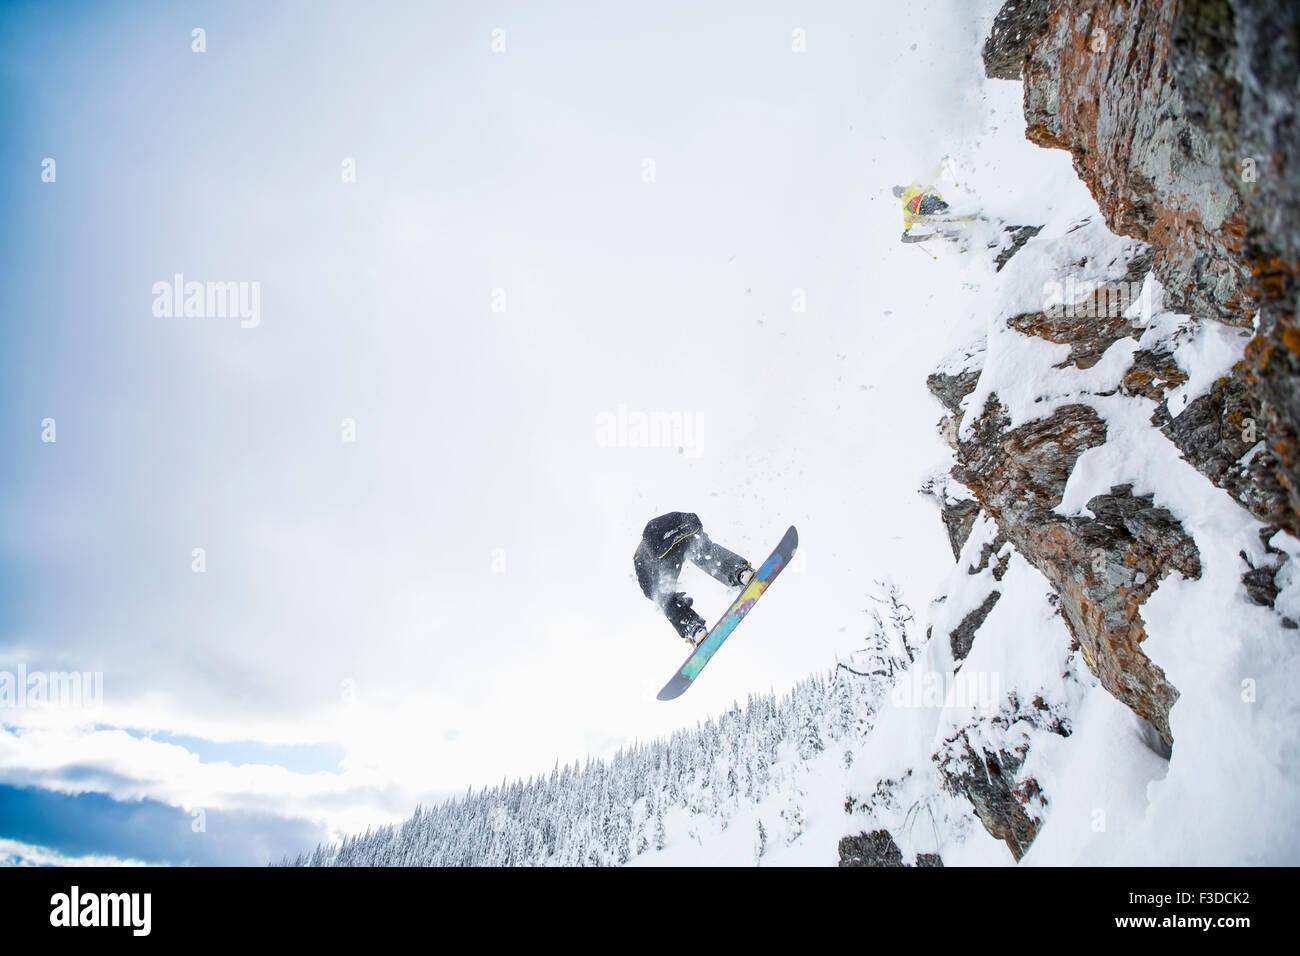 Portrait de deux hommes sautant d'une piste de ski Photo Stock